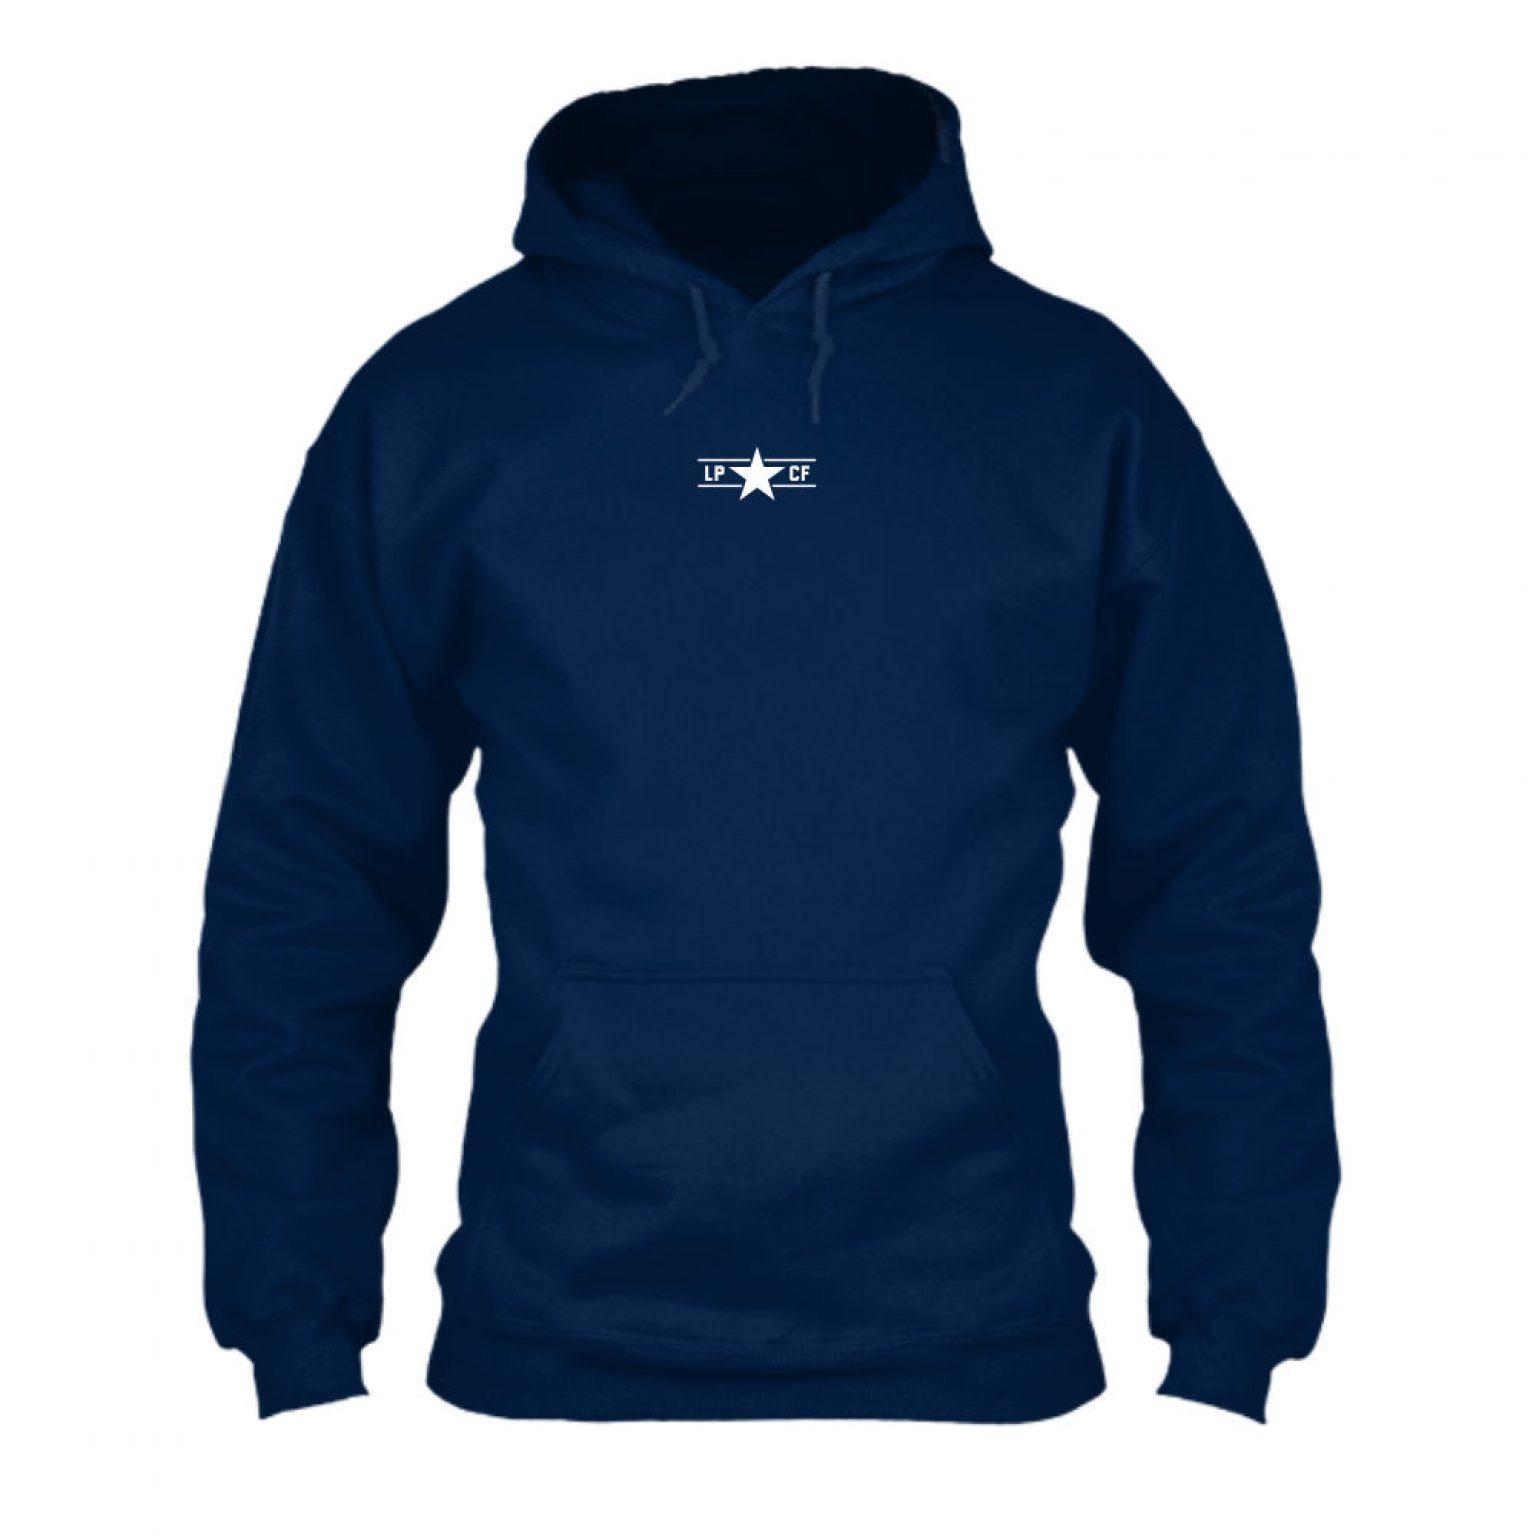 LPcircle hoodie navy front